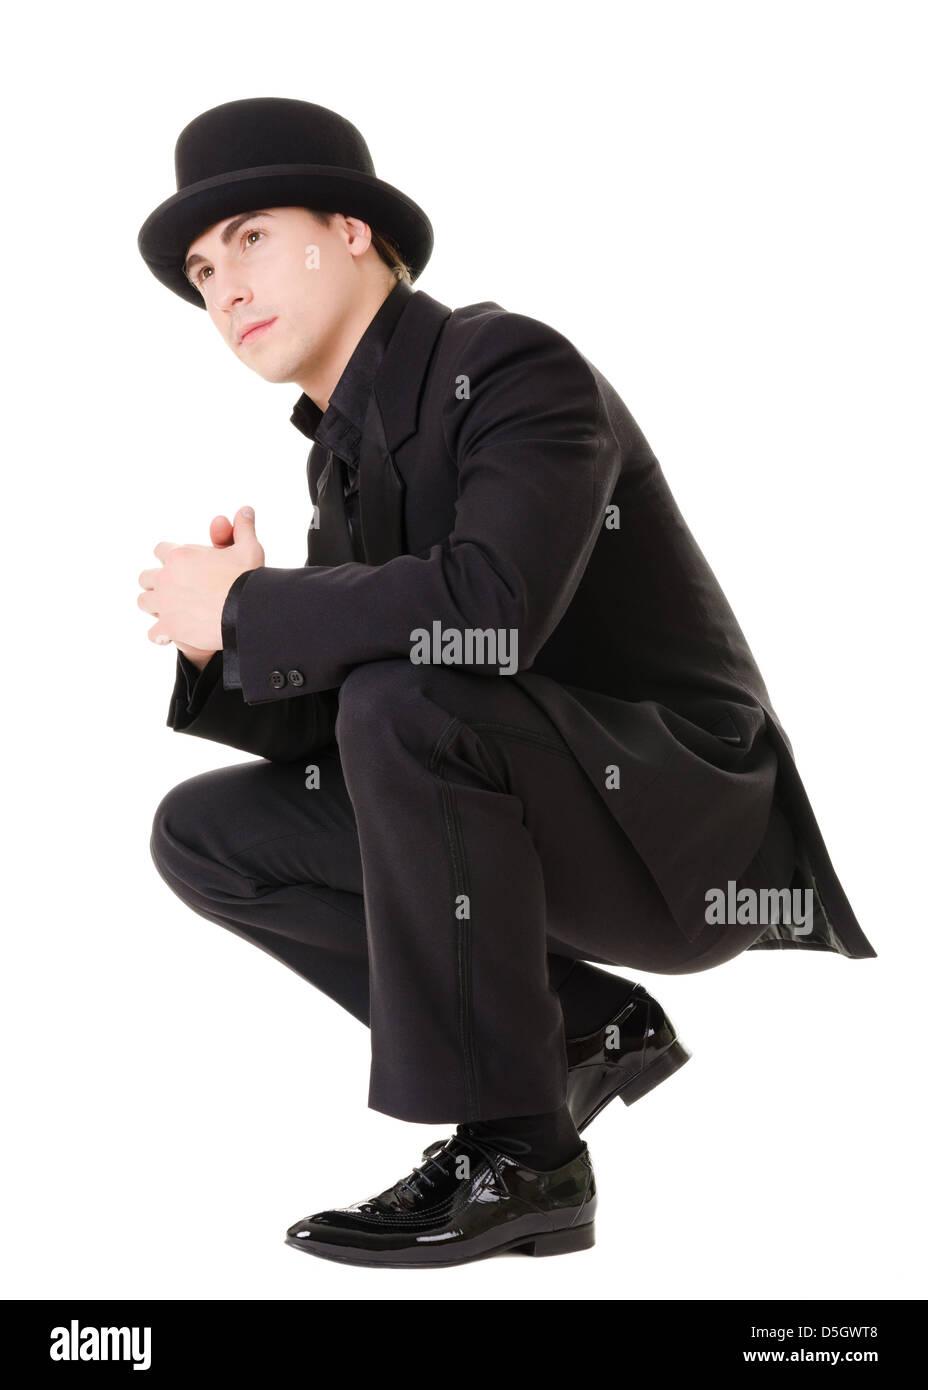 Apuesto hombre de moda en estilo retro con traje y sombrero negro aislado  sobre fondo blanco. 3c2ced33e67